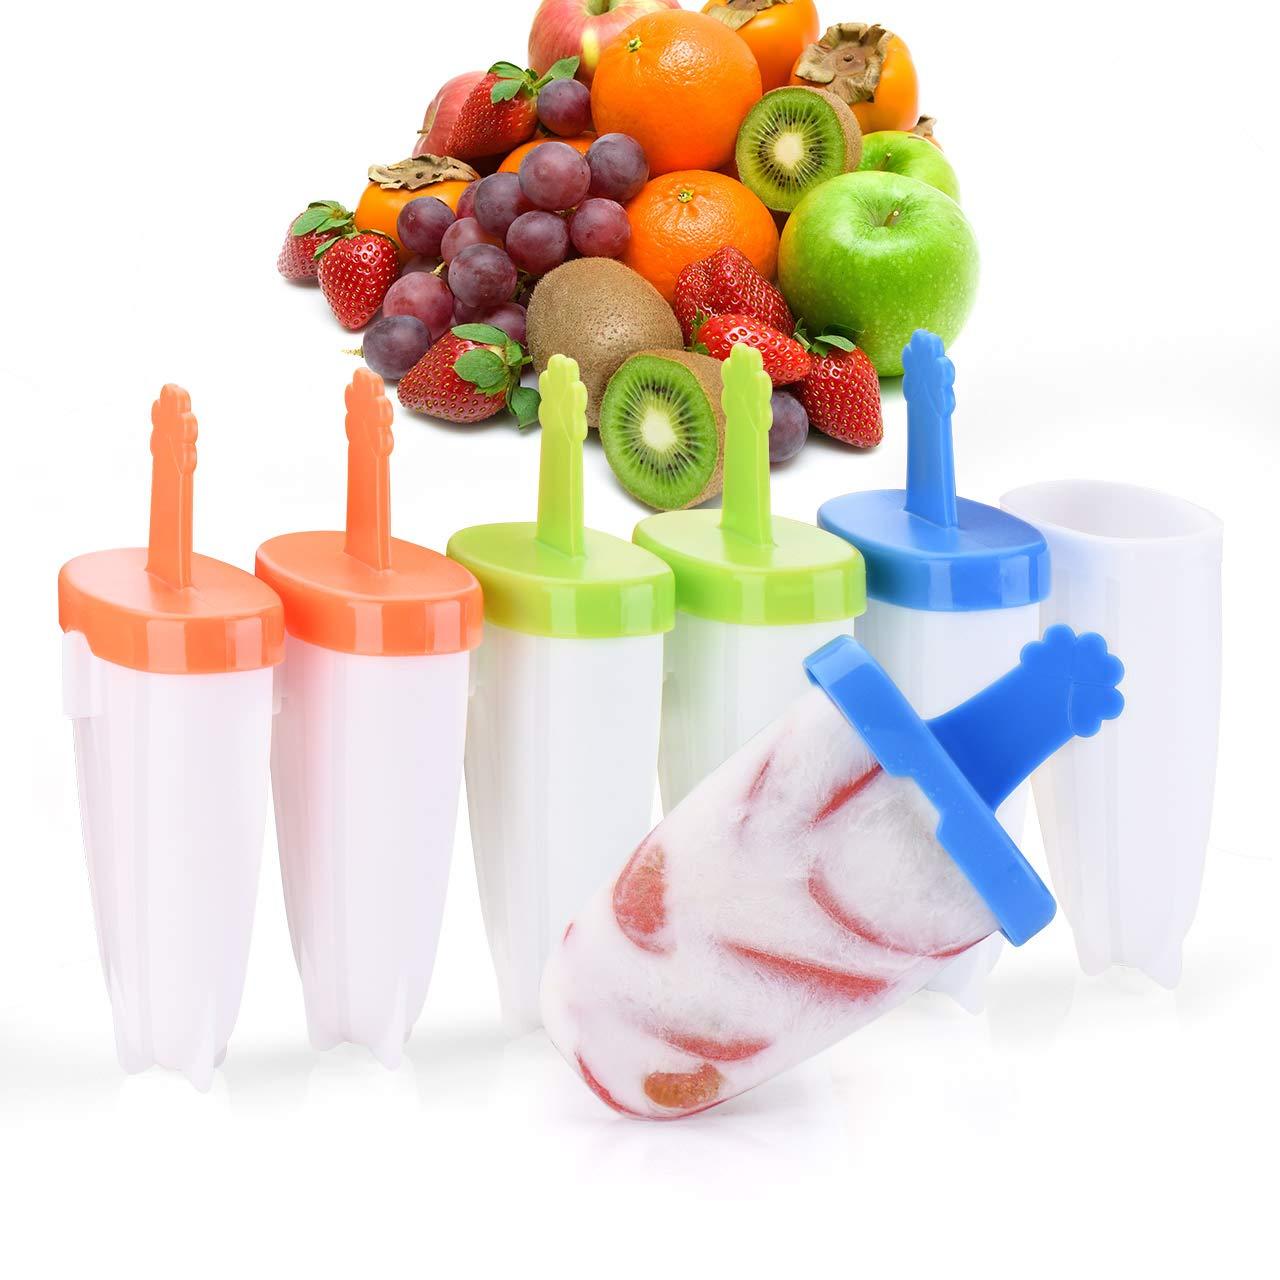 Glaces Moule /À Esquimaux avec Attaches pour Combinaison Enfants Moule /À Popsicle sans Bpa pour Fruit 6 Moules /À Sucettes Glac/ées IKICH Moules /À Glaces en Plastique Couvercle Anti-D/éversement